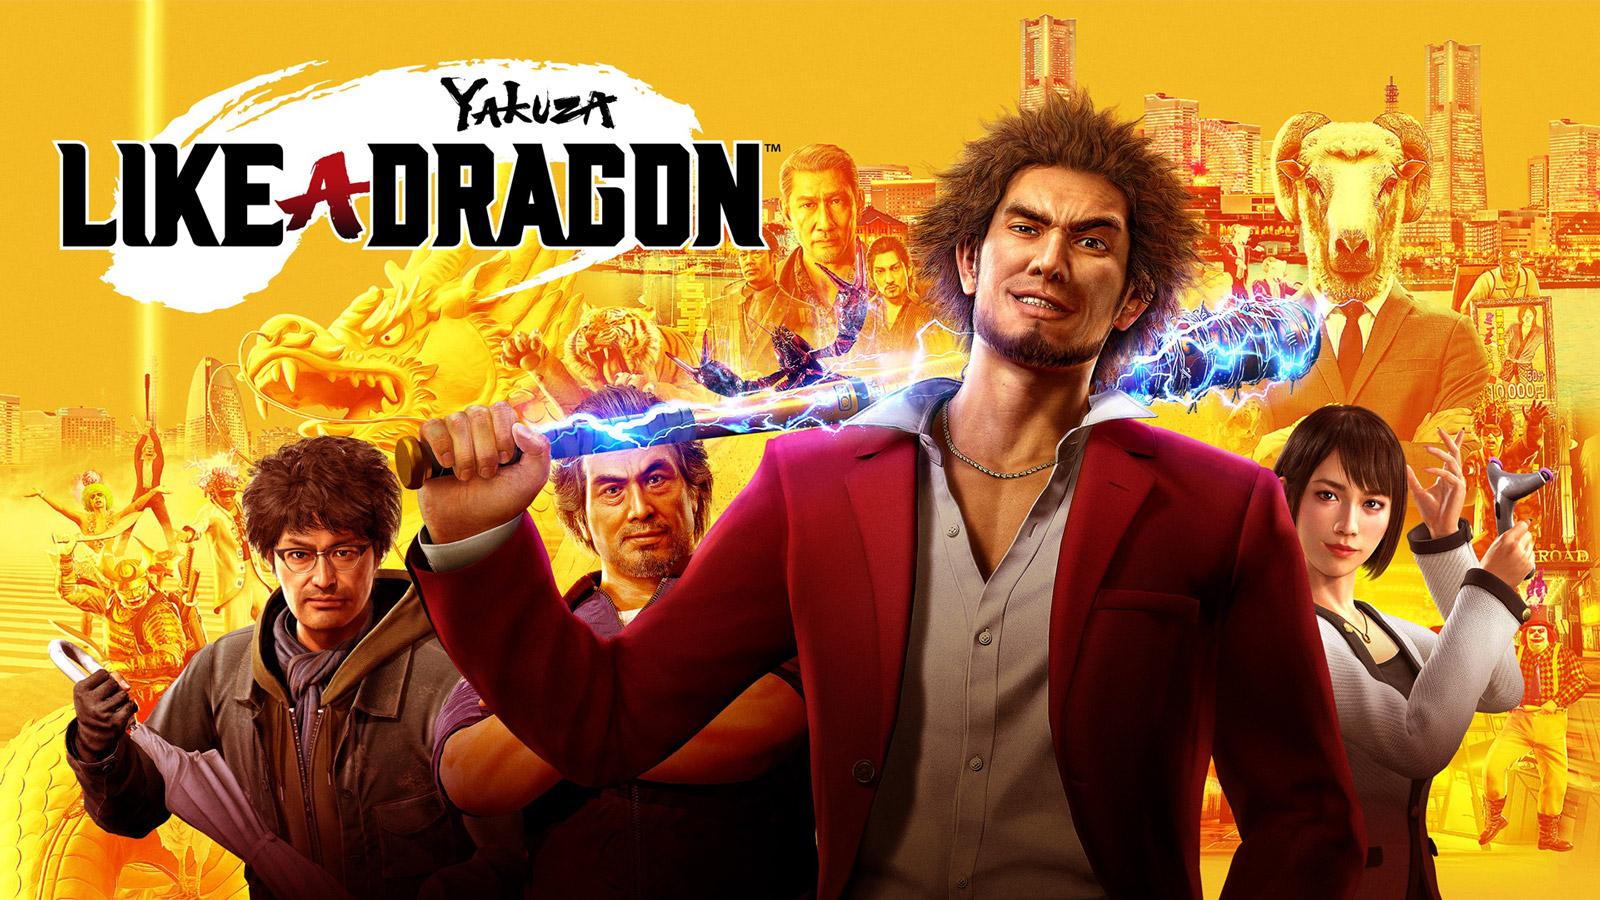 Yakuza: Like a Dragon Wallpaper in 1600x900